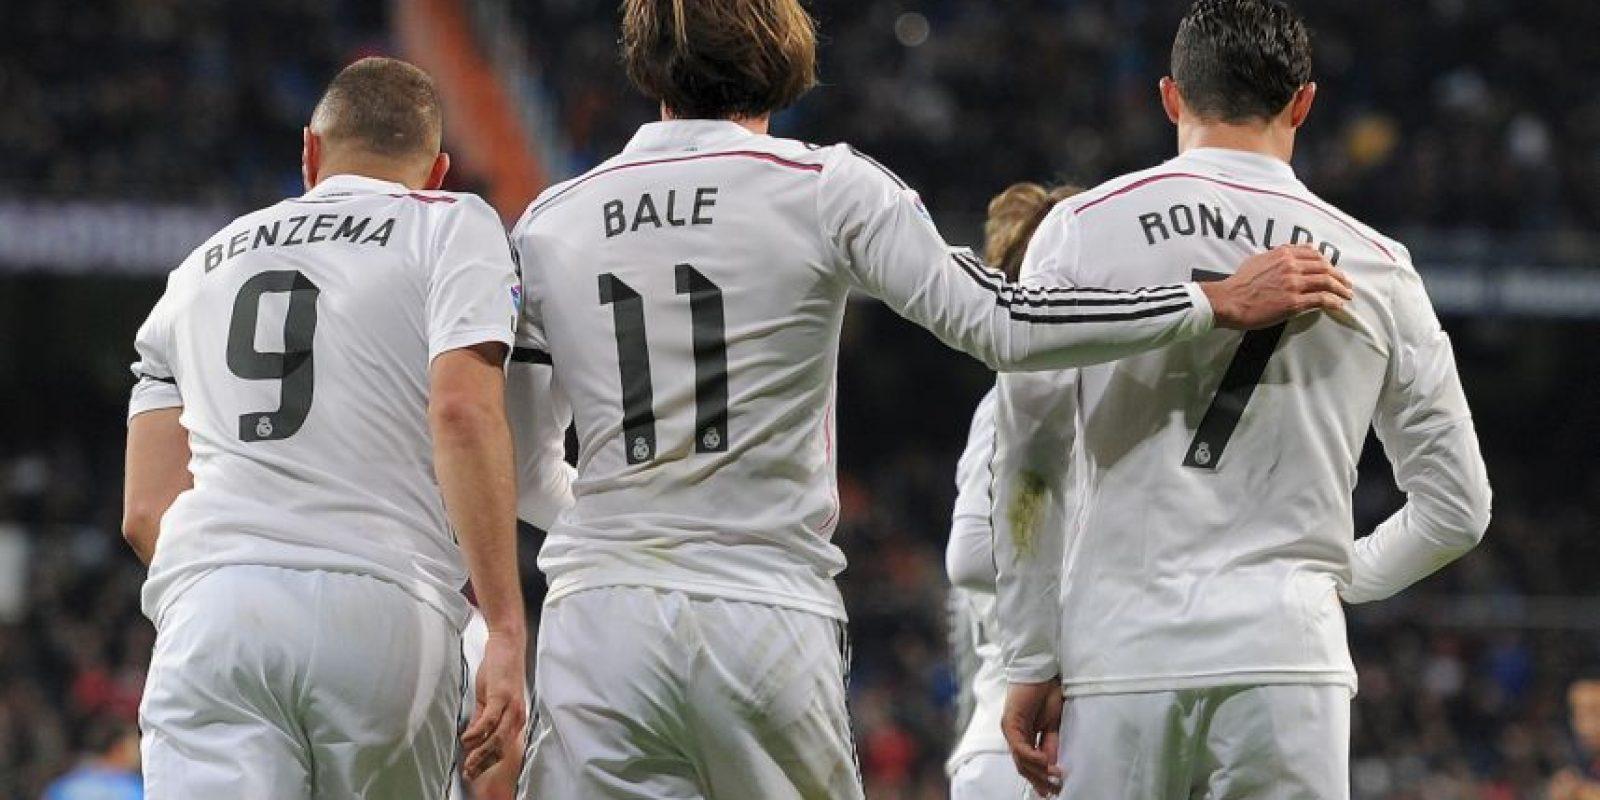 """La """"BBC"""" es el tridente conformado por Gareth Bale, Karim Benzema y Cristiano Ronaldo. Foto:Getty Images"""